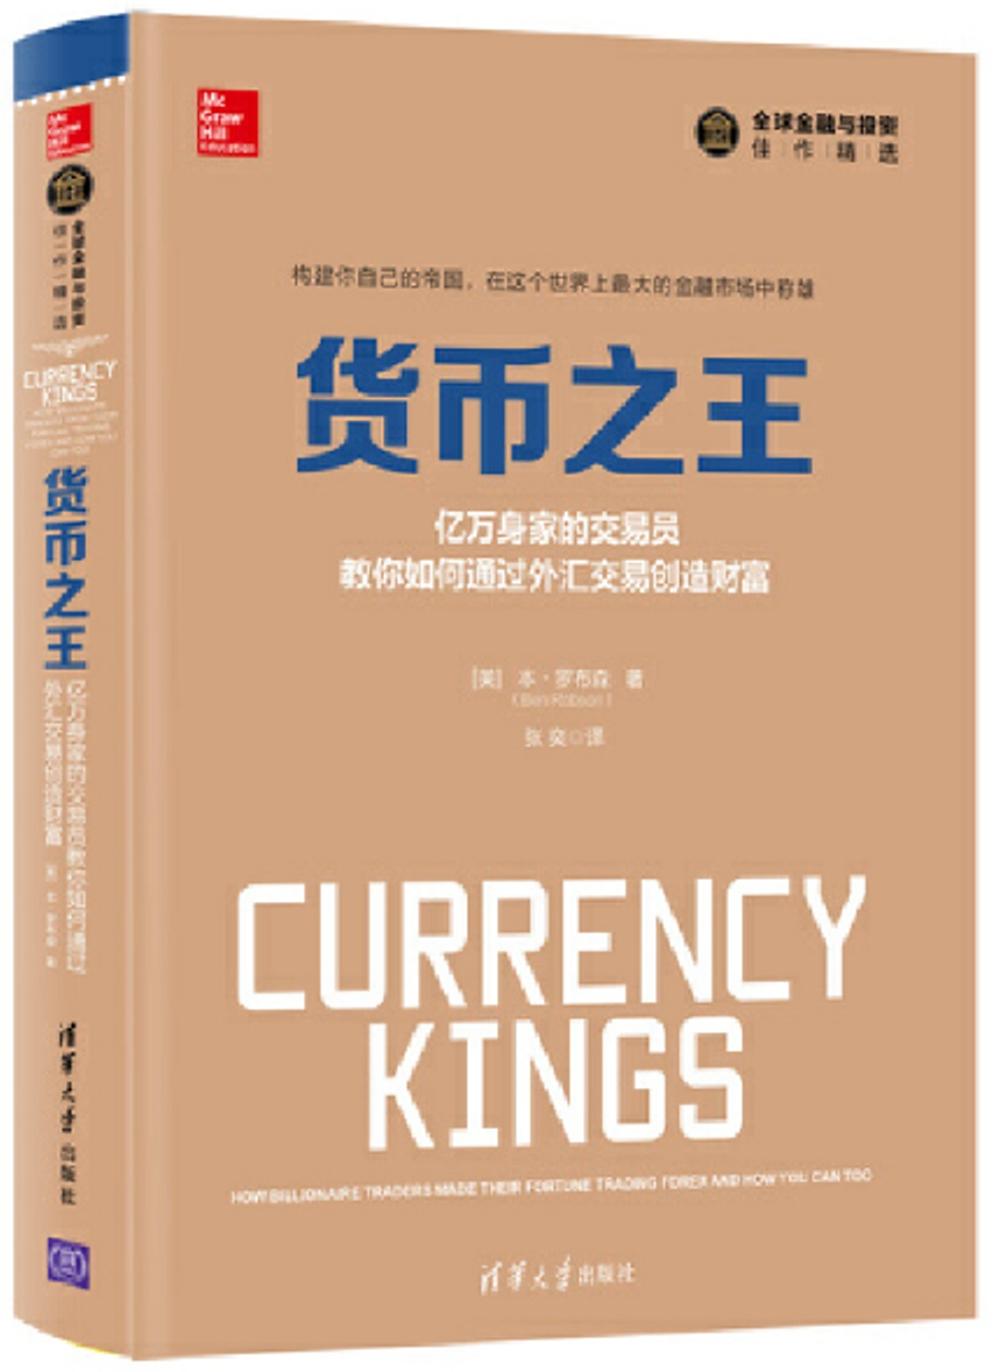 貨幣之王:億萬身家的交易員教你如何通過外匯交易創造財富